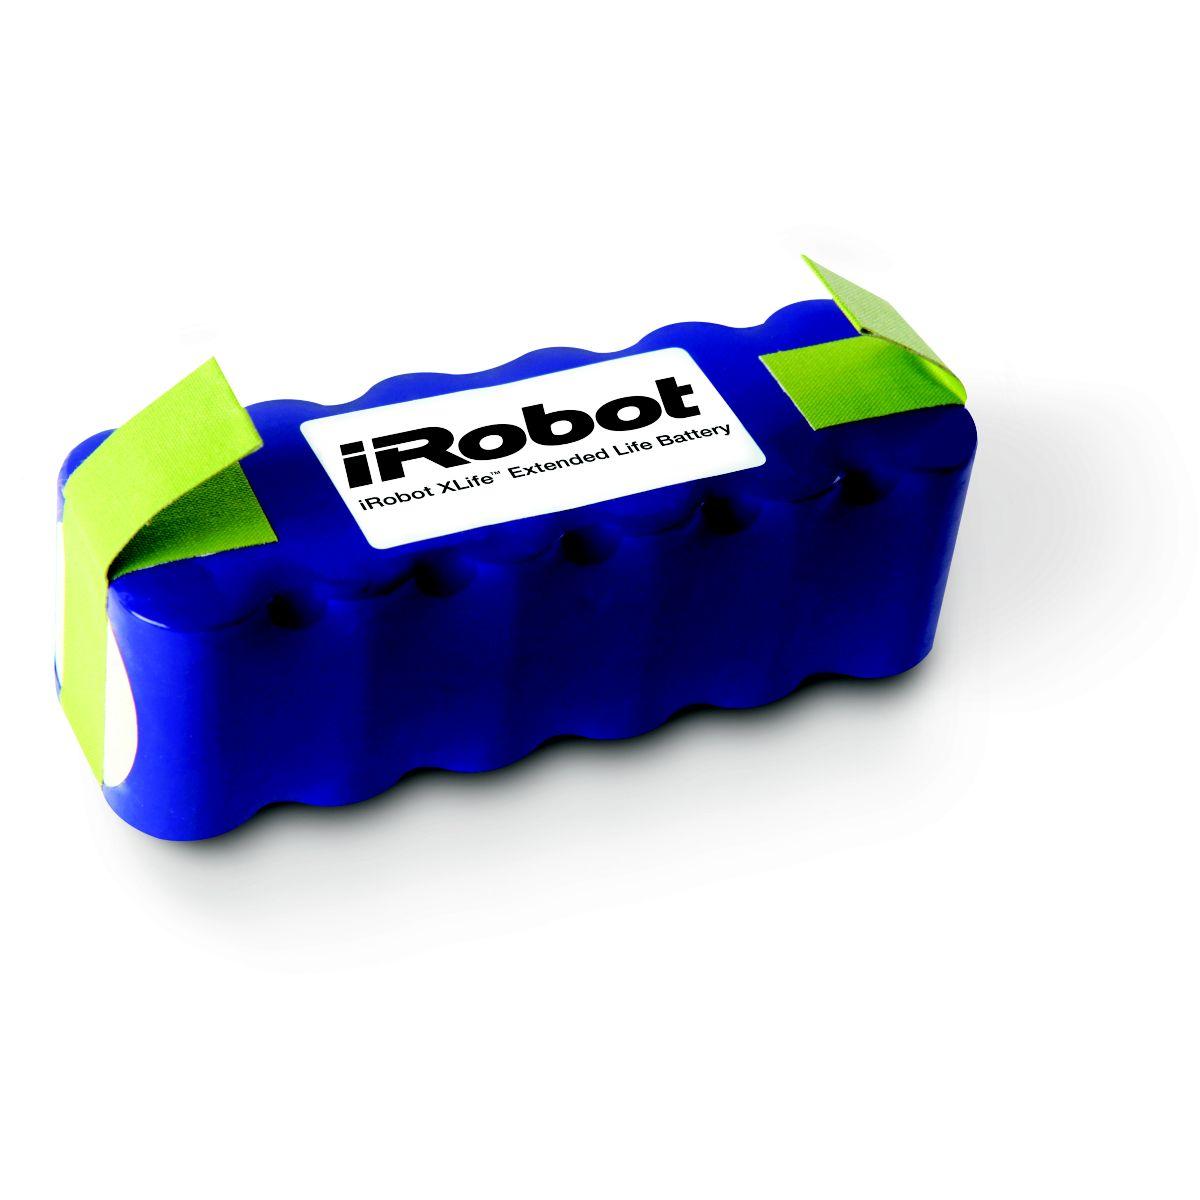 Batterie aspirateur IROBOT BATTERY X LIFE RSP800